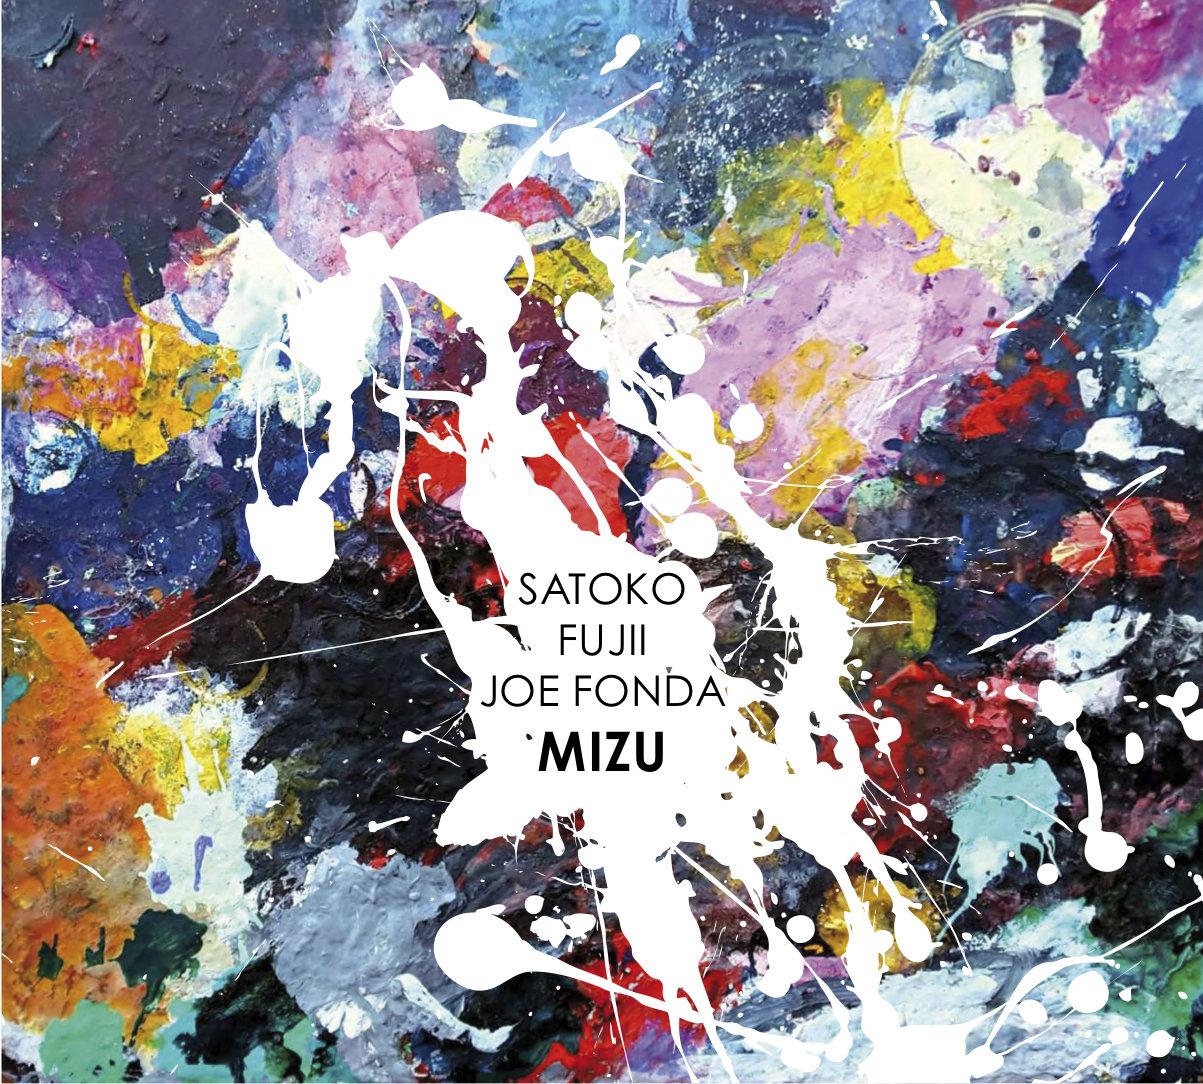 Satoko Fujii, Joe Fonda<br/>Mizu<br/>Long Song, 2018